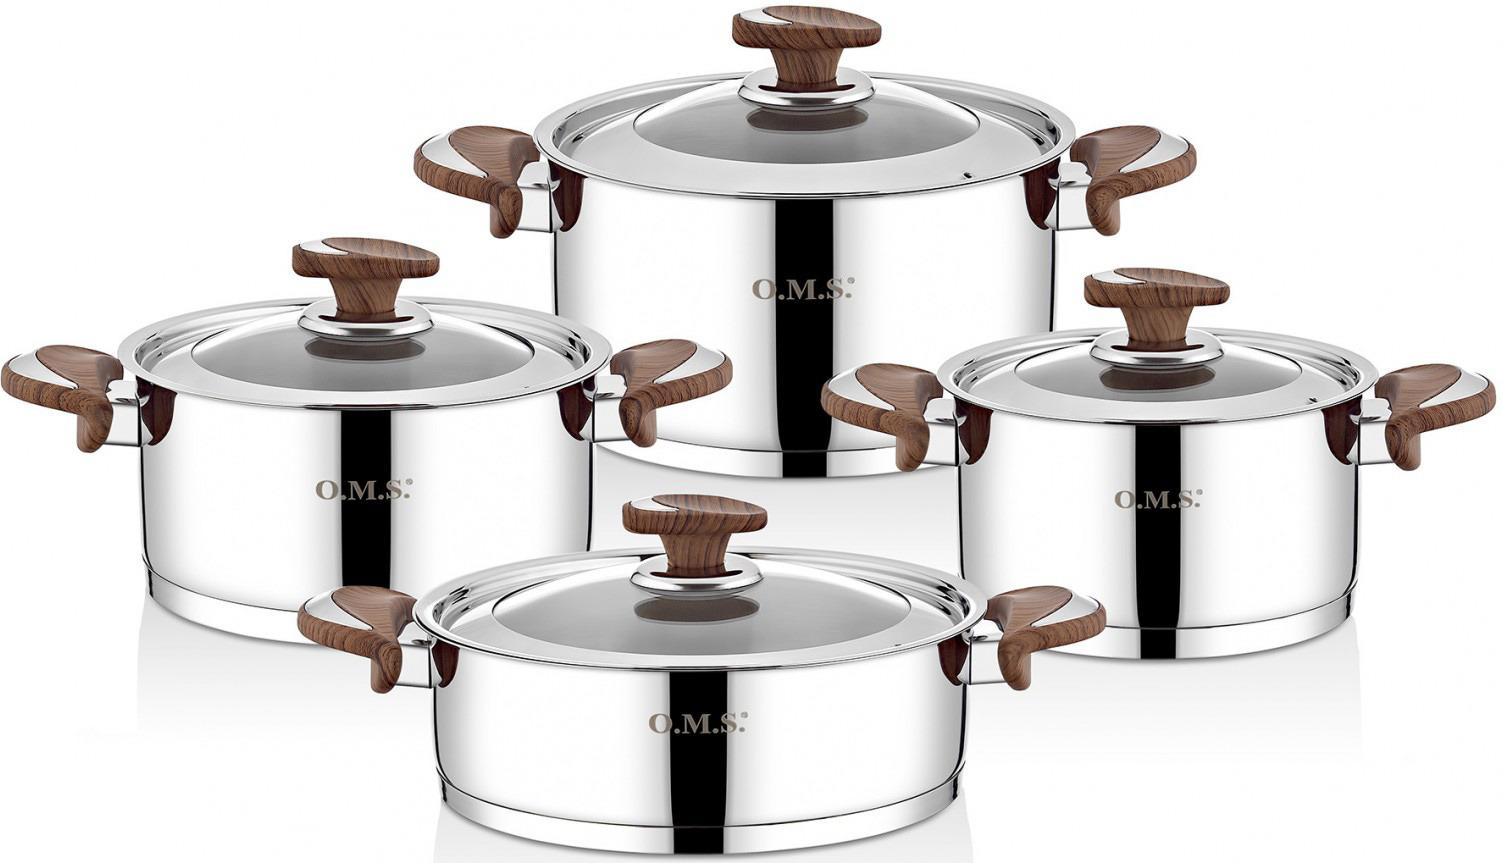 Набор посуды для приготовления пищи OMS, 1076, 8 предметов кабель hdmi 4 5м gembird cc hdmi4l 15 круглый черный